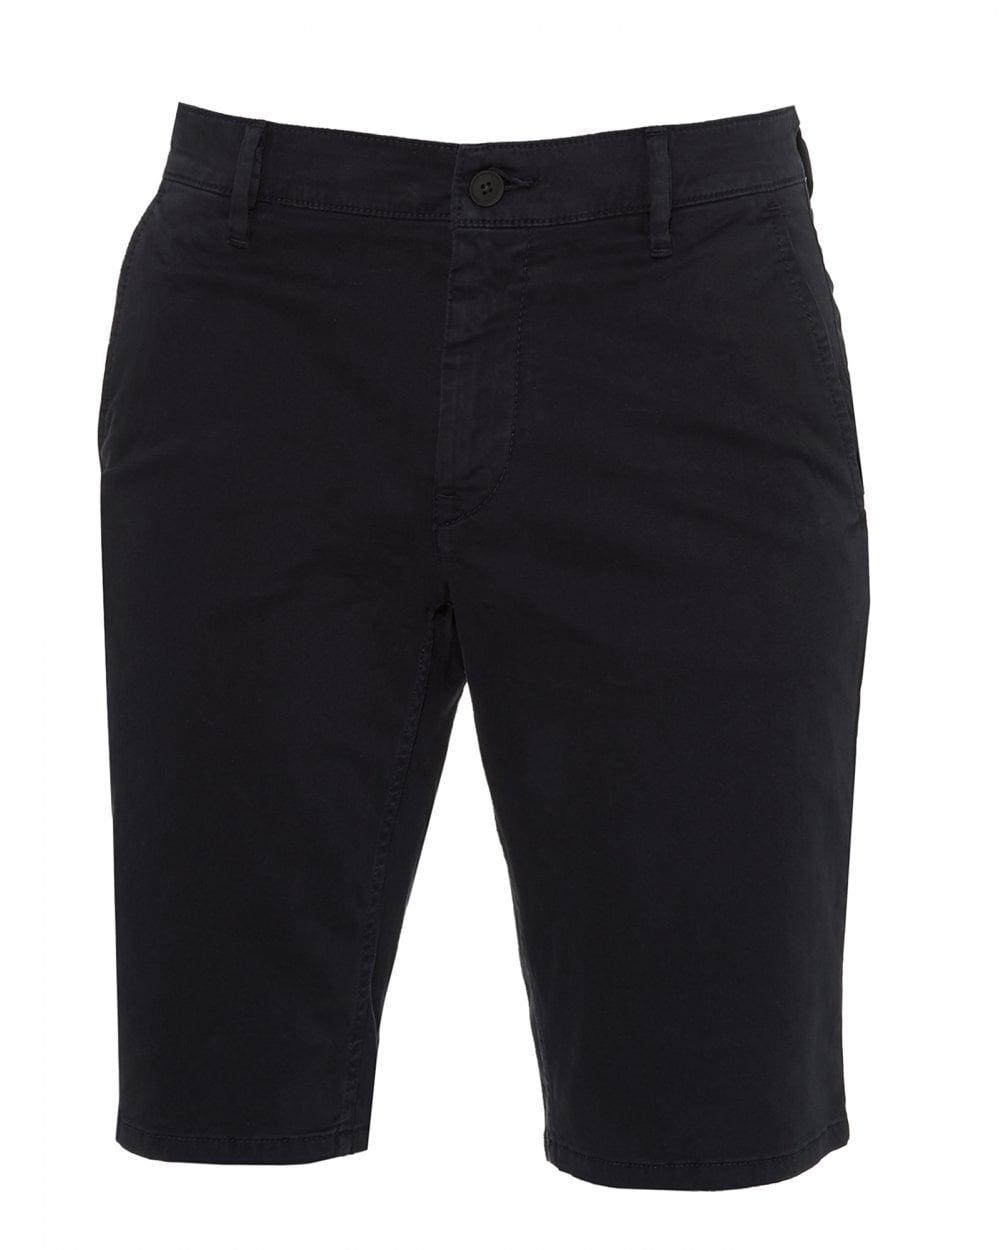 3c92743e0 BOSS Casual Mens Schino Slim Navy Blue Chino Shorts